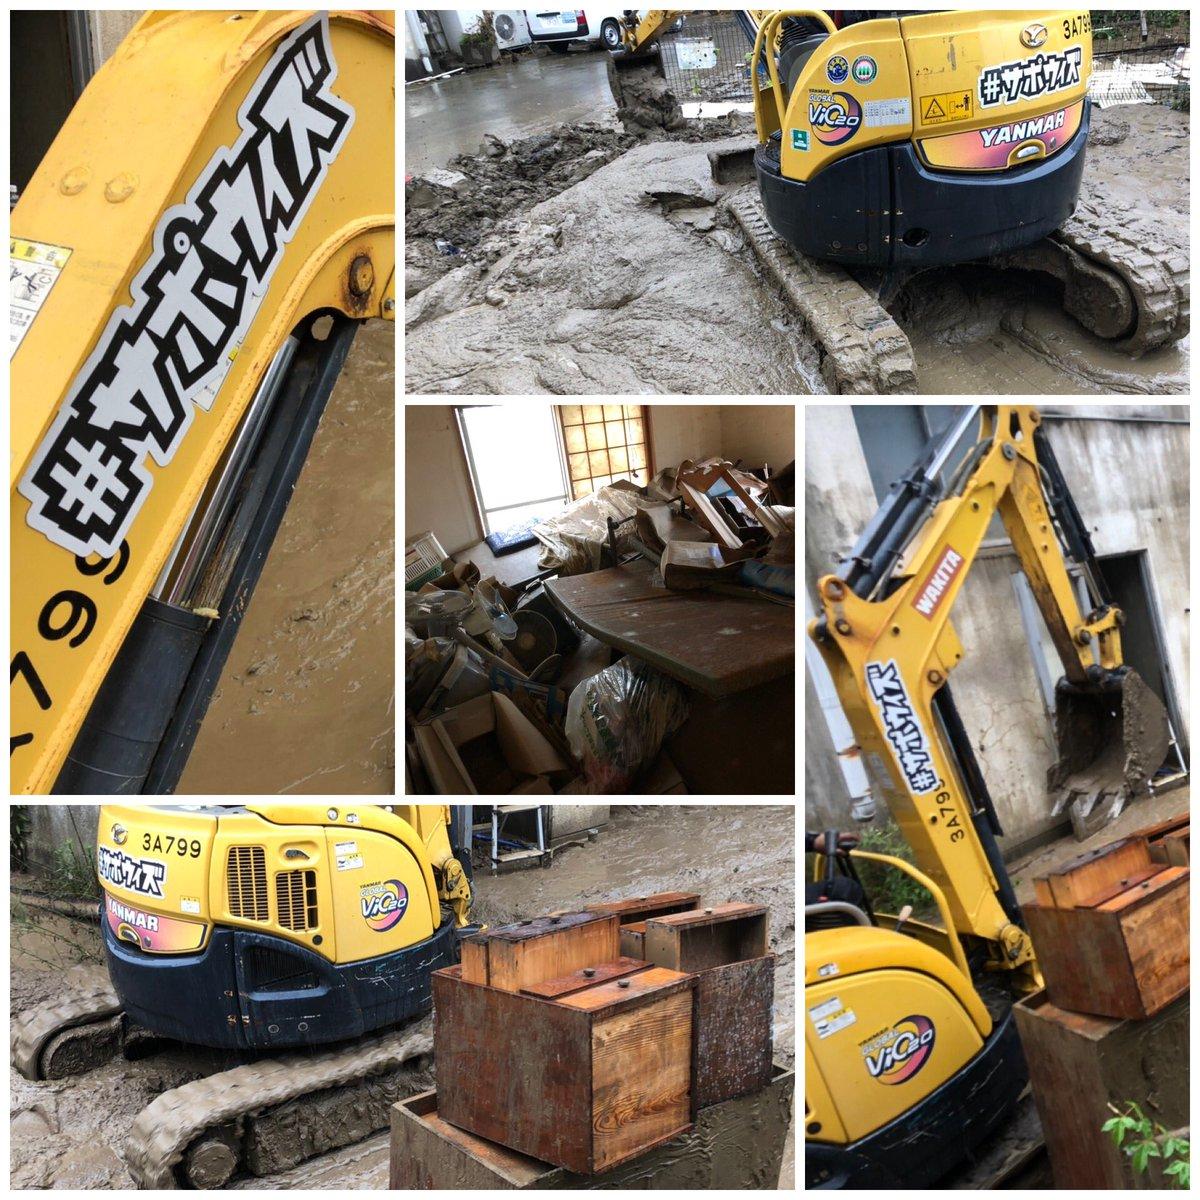 家財出し、泥撤去。タナカさん支援調整でしたが「重機デヤルヨ」一言。一気に外の泥がなくなり家財出しが捗りました。全体的にバランスよく見る感じはスゴイ。また、ガルさん、project familyさん、DJさんありがとうございました!Kiuの支援物資は作業で着たり渡したりさせて頂きました!#サポウィズ